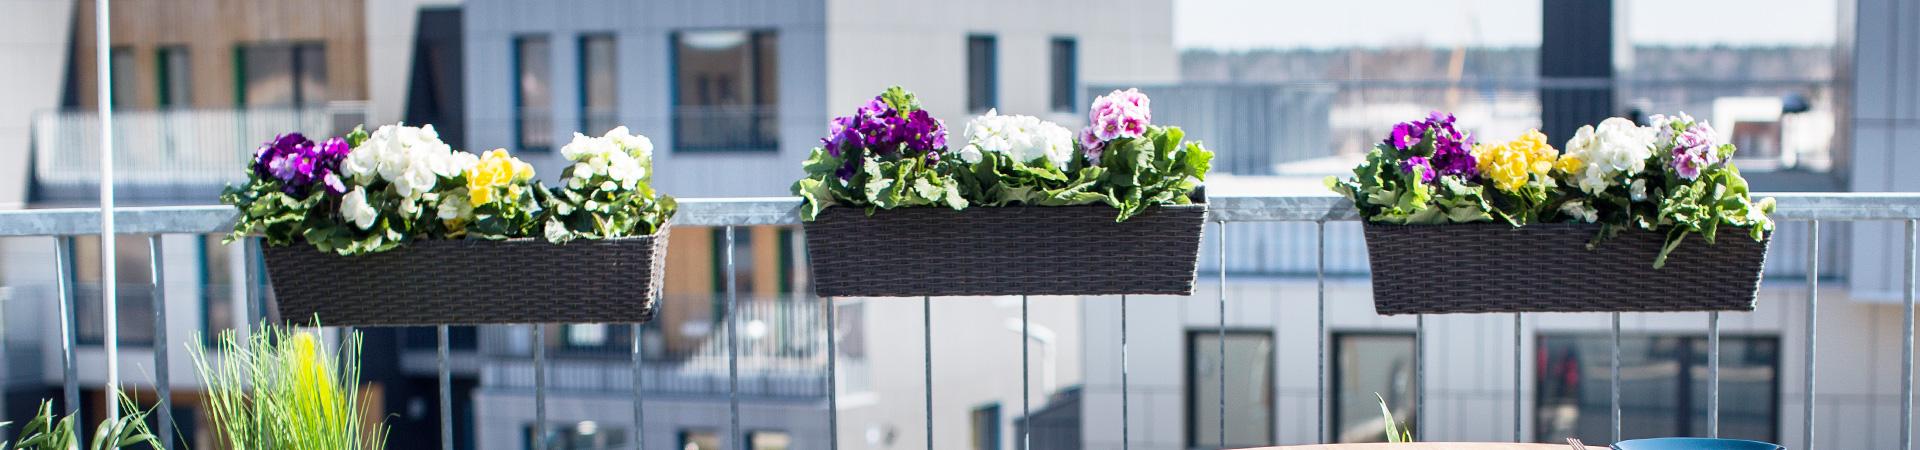 Gėlių vazonai